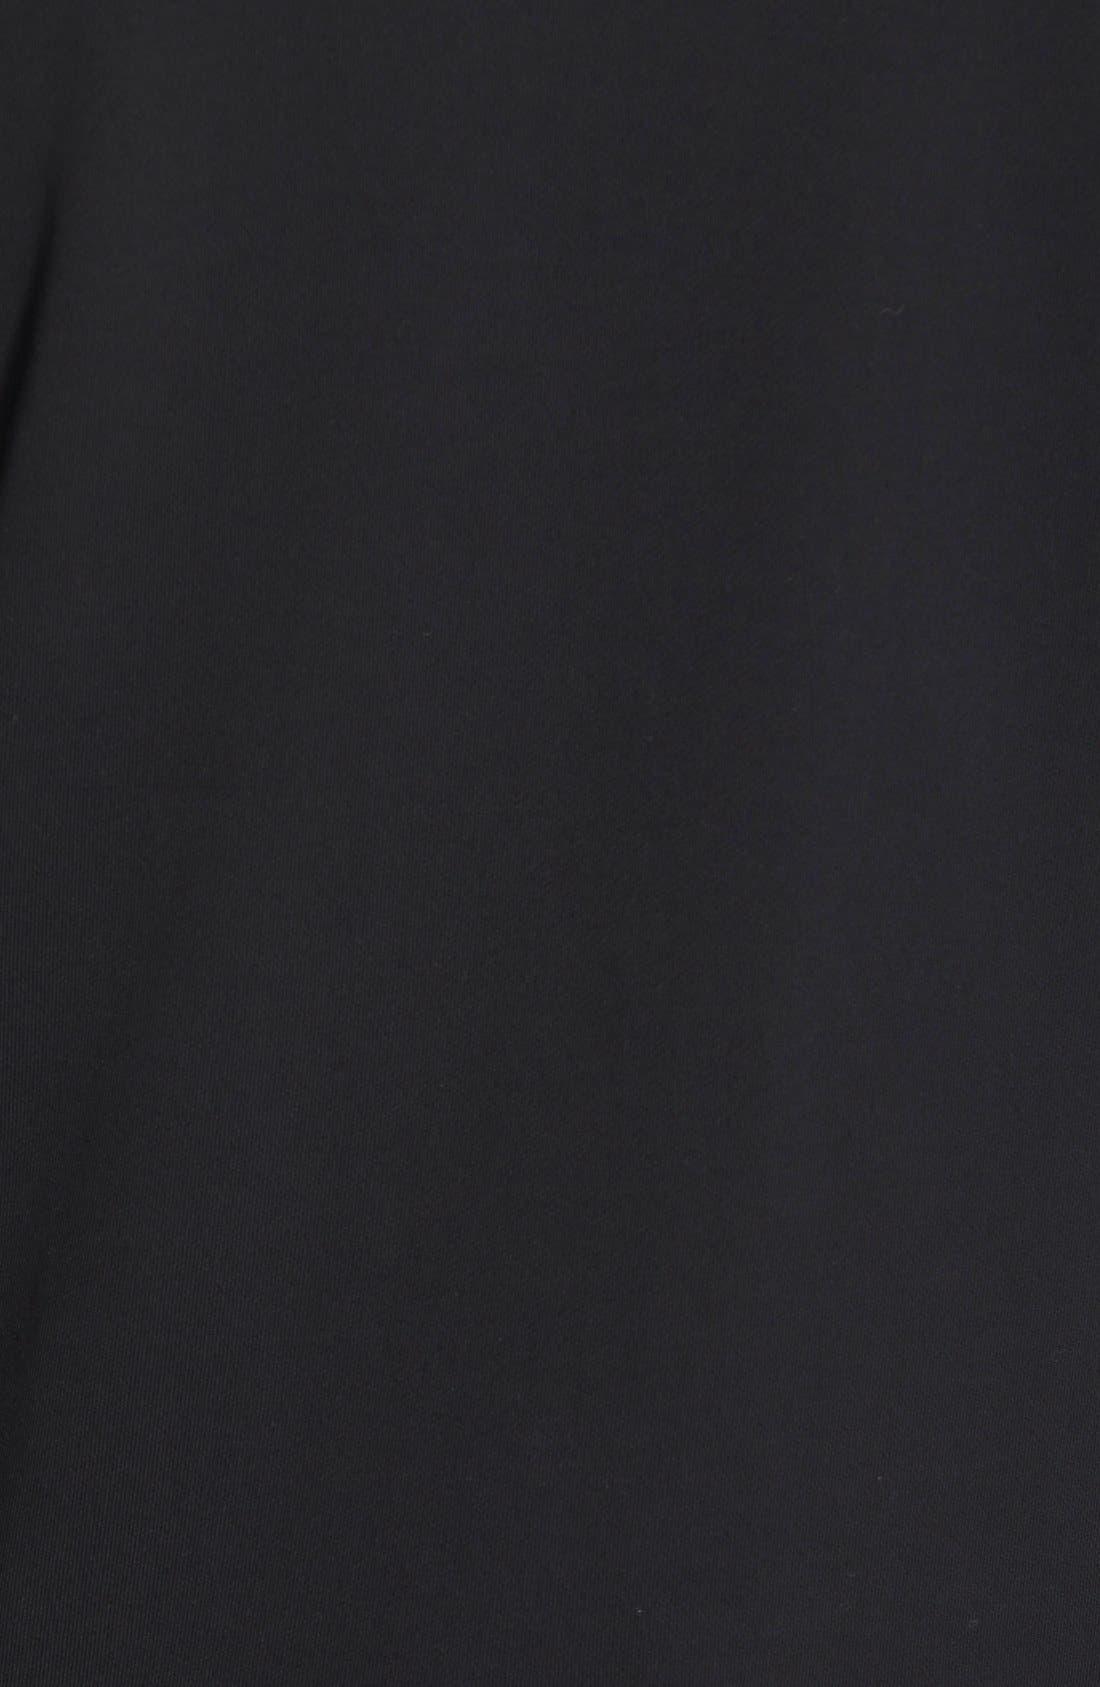 DIESEL<SUP>®</SUP>, 'Mifun' Heavyweight Zip Hoodie, Alternate thumbnail 2, color, 001